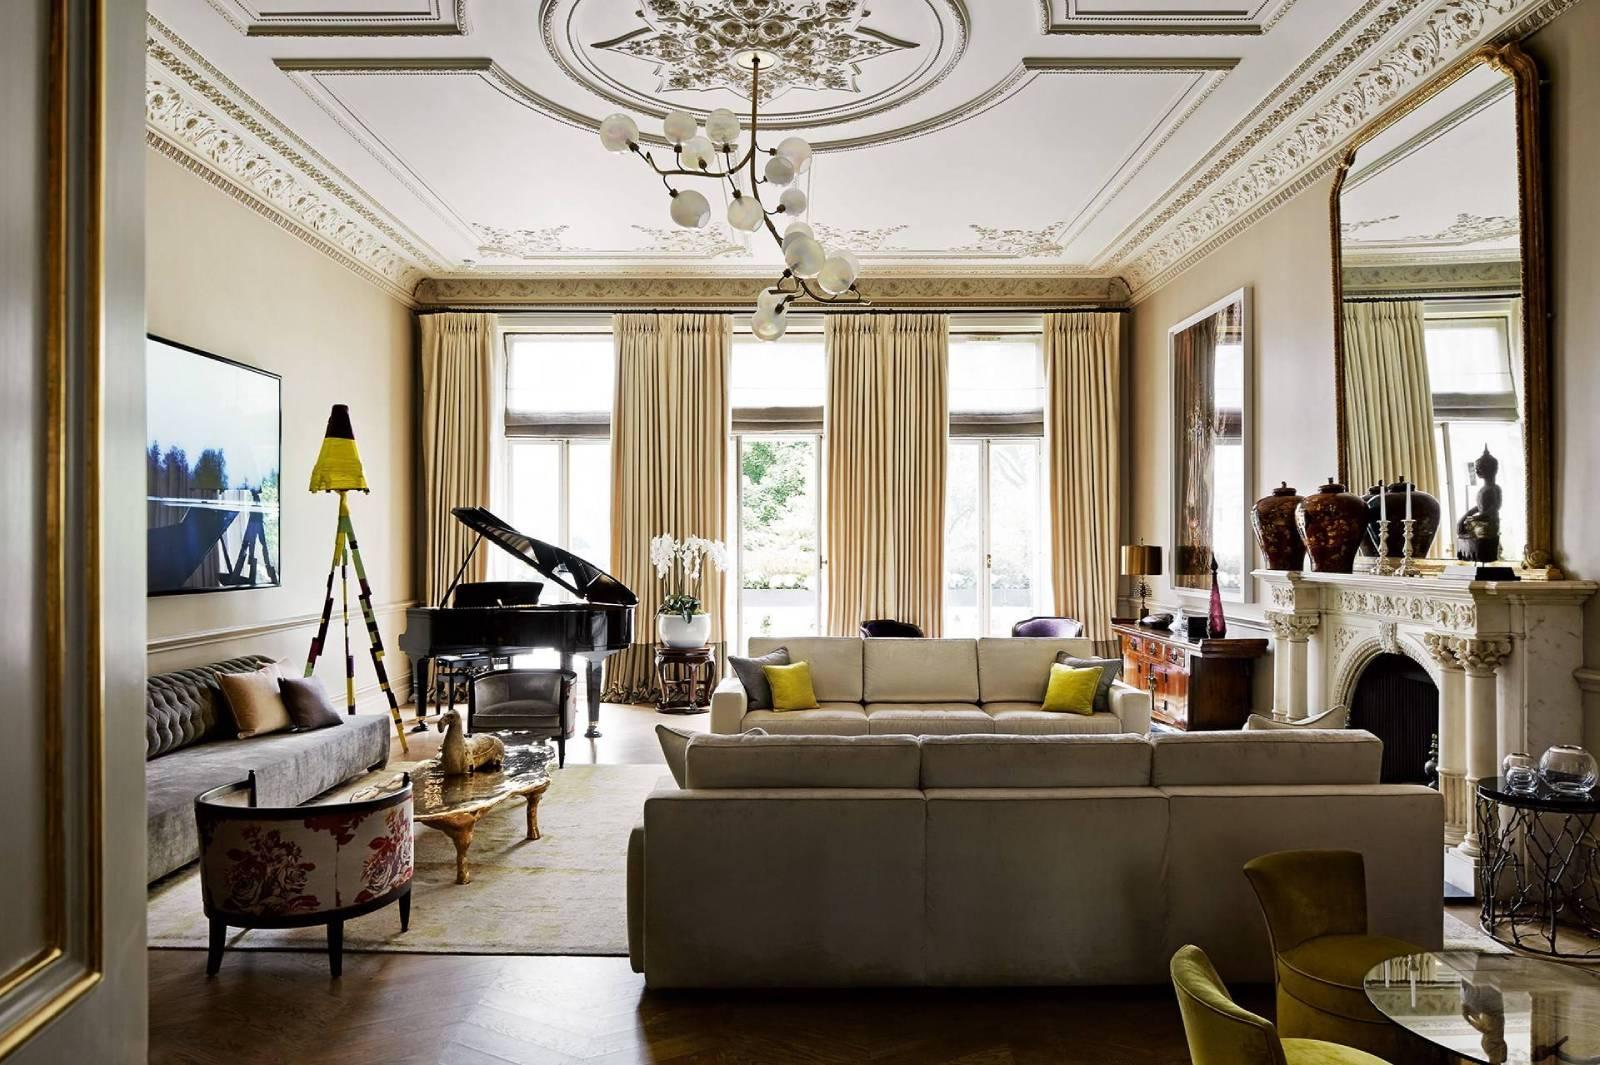 Phòng khách biệt thự tân cổ điển kết hợp Châu Á và Châu Âu